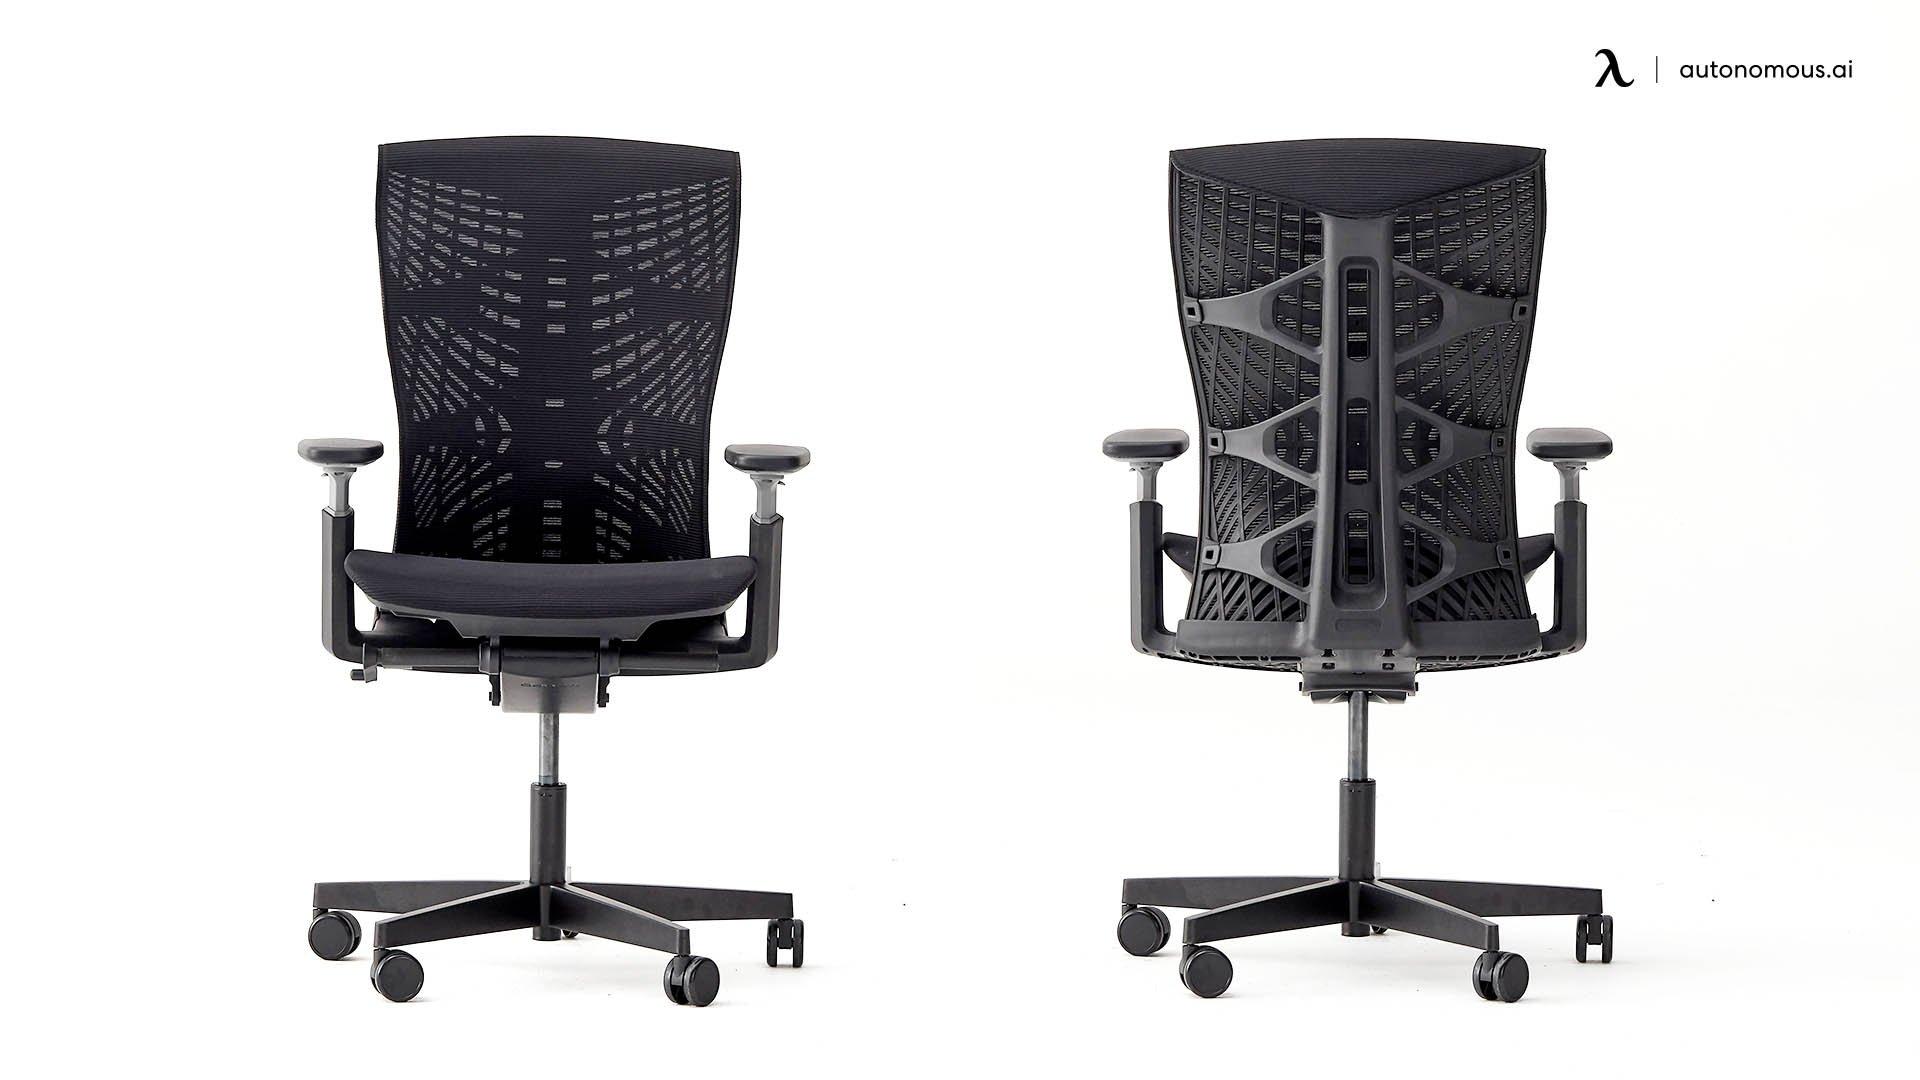 Kinn Chair from Autonomous